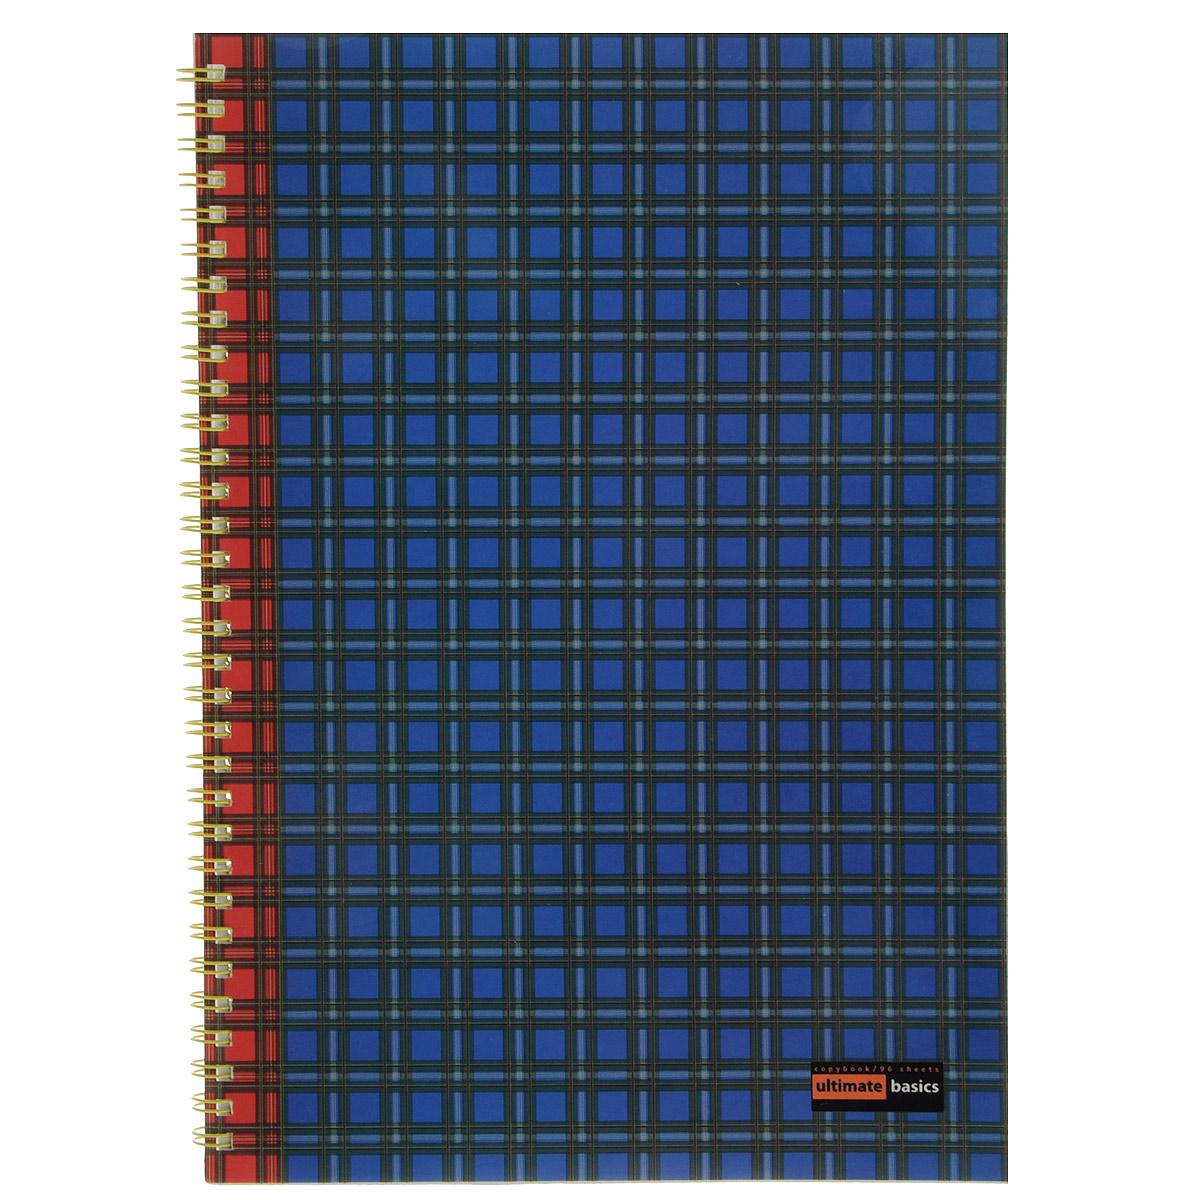 Тетрадь Шотландка, 96 листов, формат А47-96-002 Д_синийТетрадь Шотландка  на толстой двойной евроспирали и в мягкой обложке отлично подойдет для записей по учебе, работе или для повседневных заметок. Внутренний блок выполнен из белой бумаги в голубую клетку, без полей.